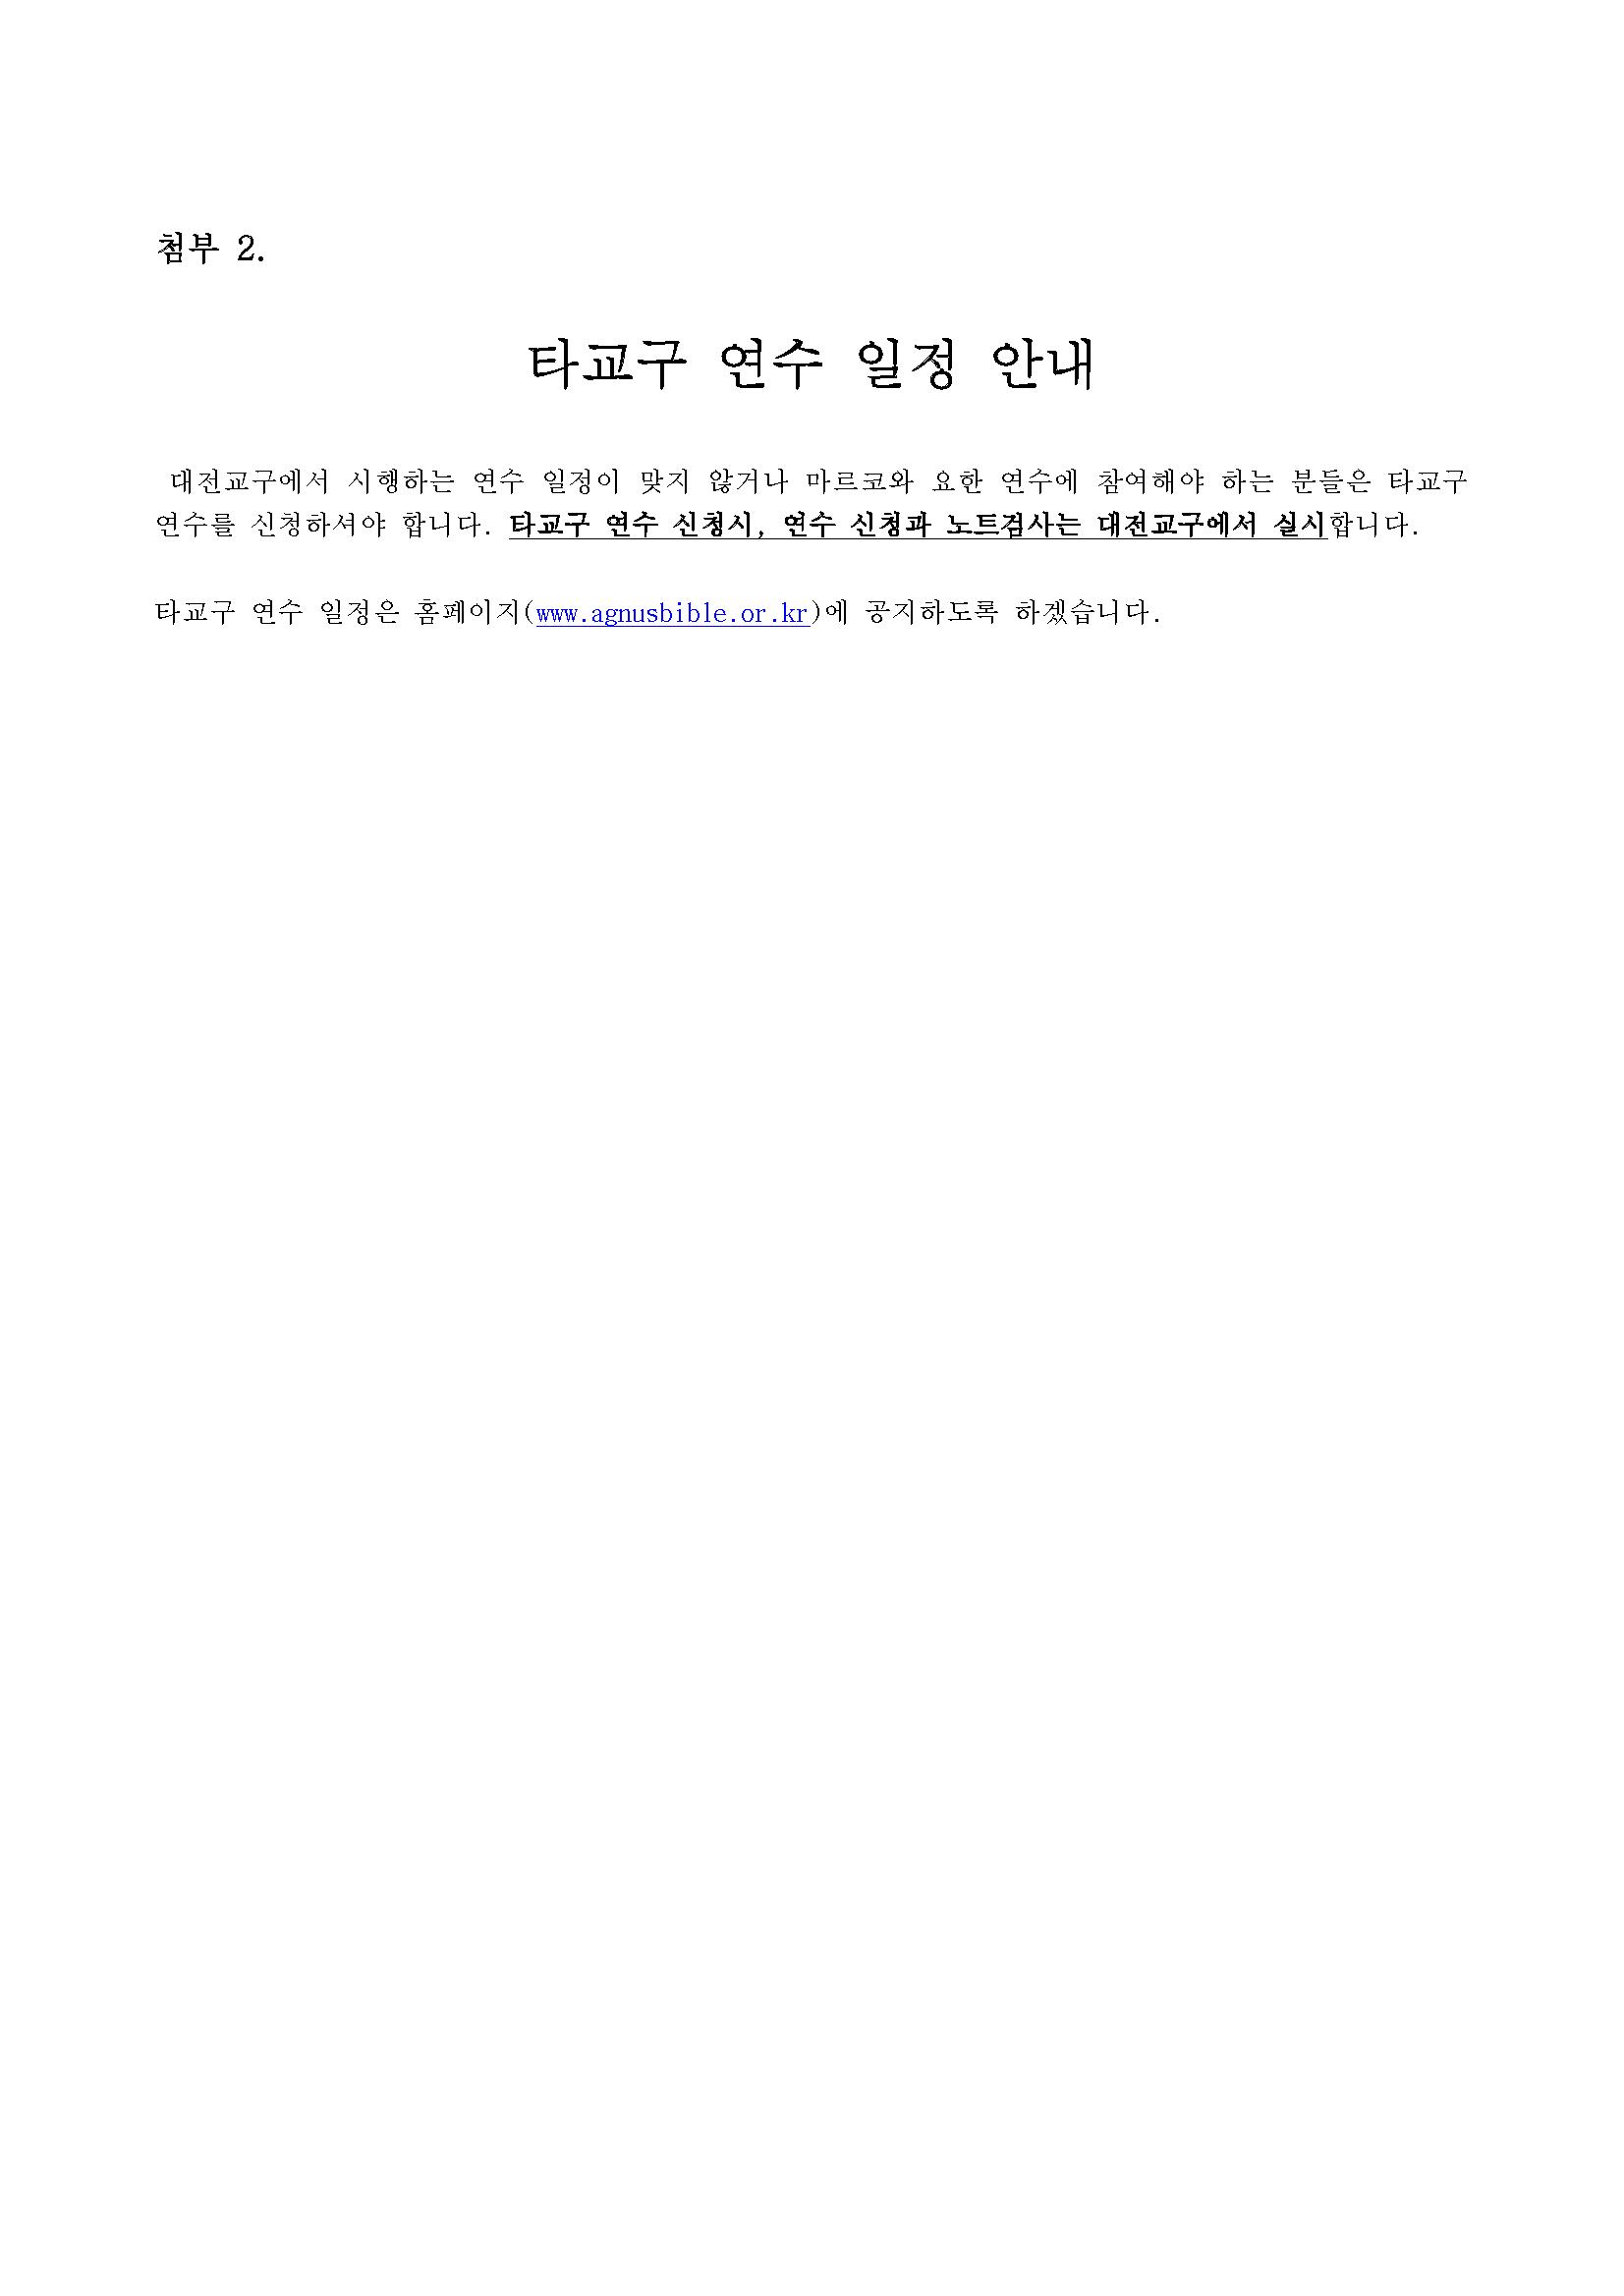 2019년 청년성서 여름연수 신청 안내 공문_Page_6.png